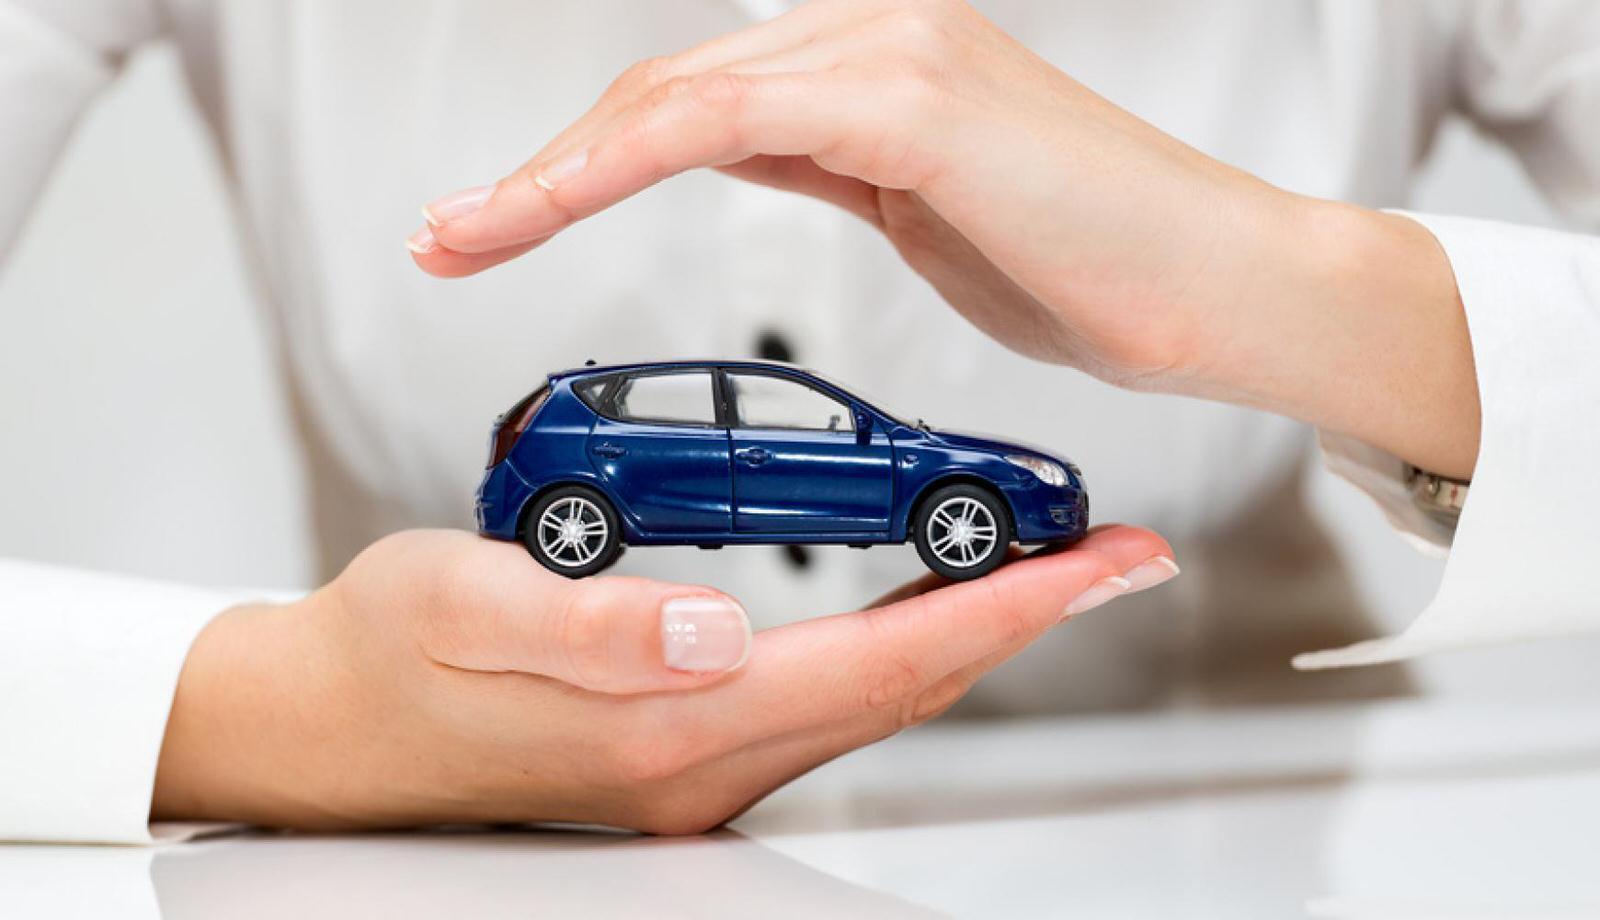 Garanzie accessorie RC Auto: cosa sono e differenze tra donne e uomini